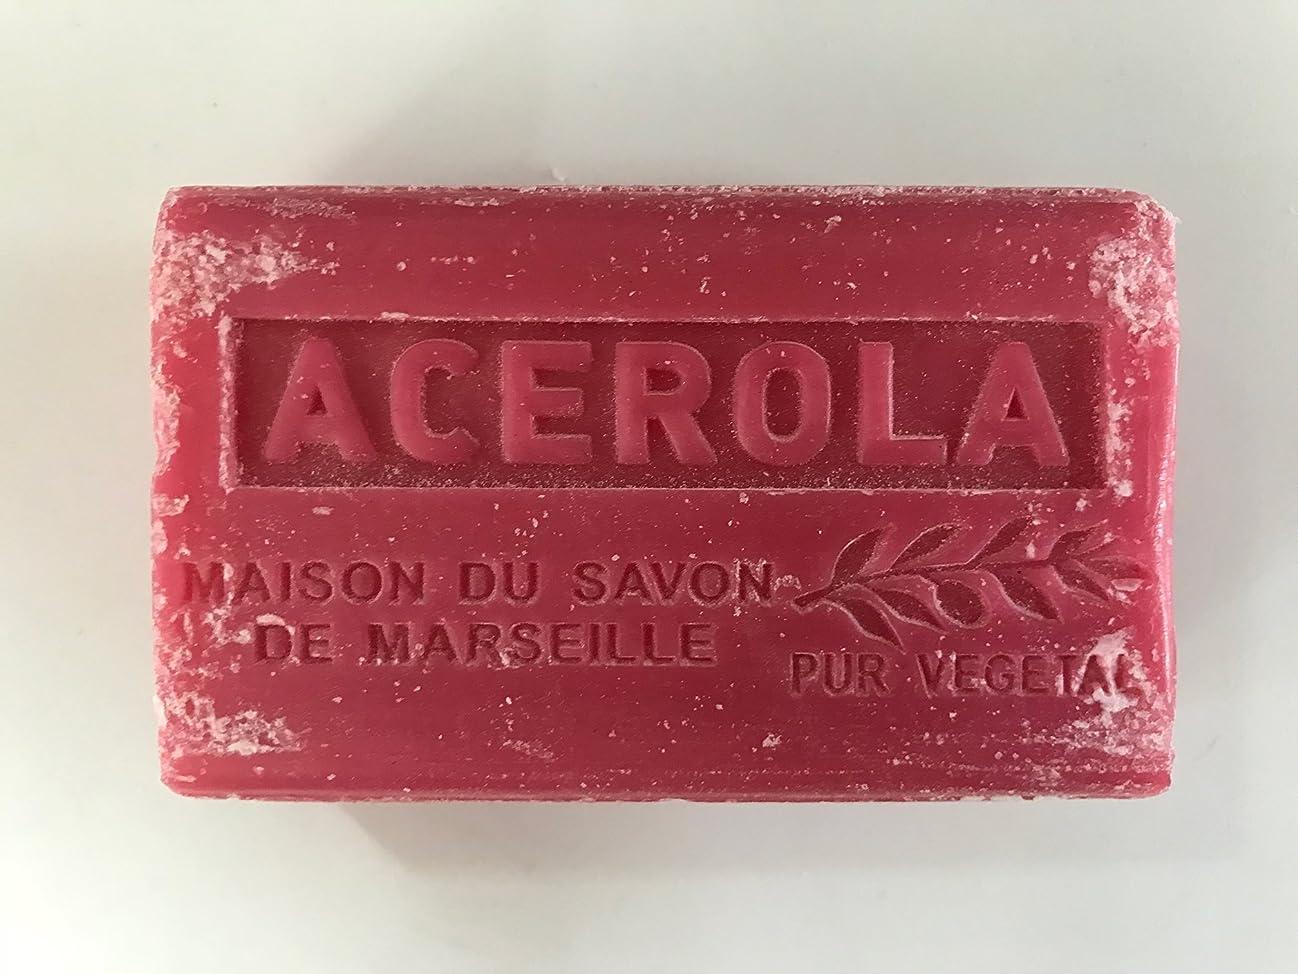 からかう最大化する栄光のSavon de Marseille Soap Acerola Shea Butter 125g